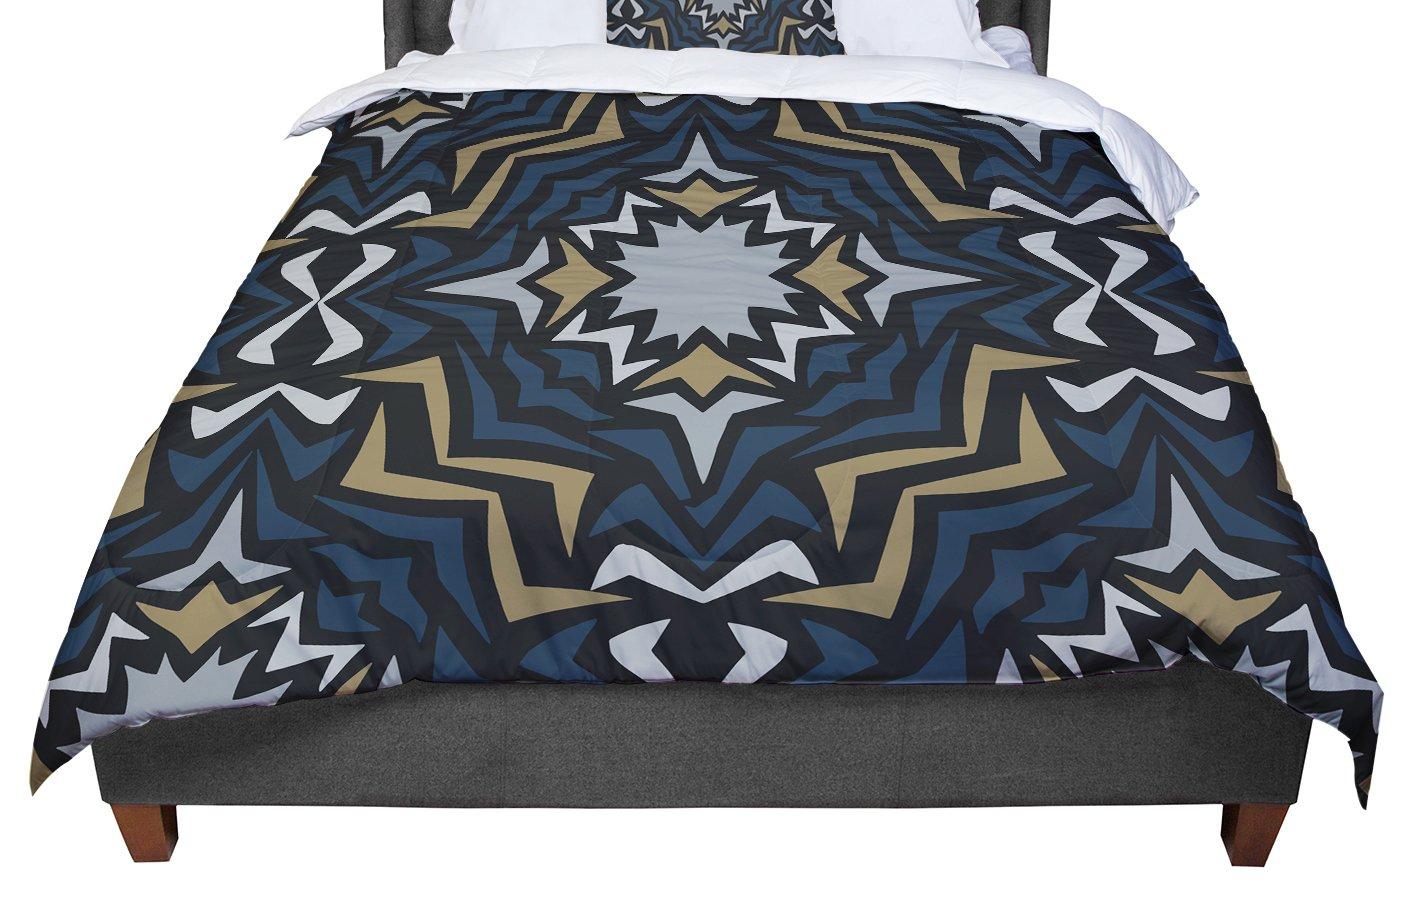 KESS InHouse Miranda Mol Winter Fractals Queen Comforter 88 X 88